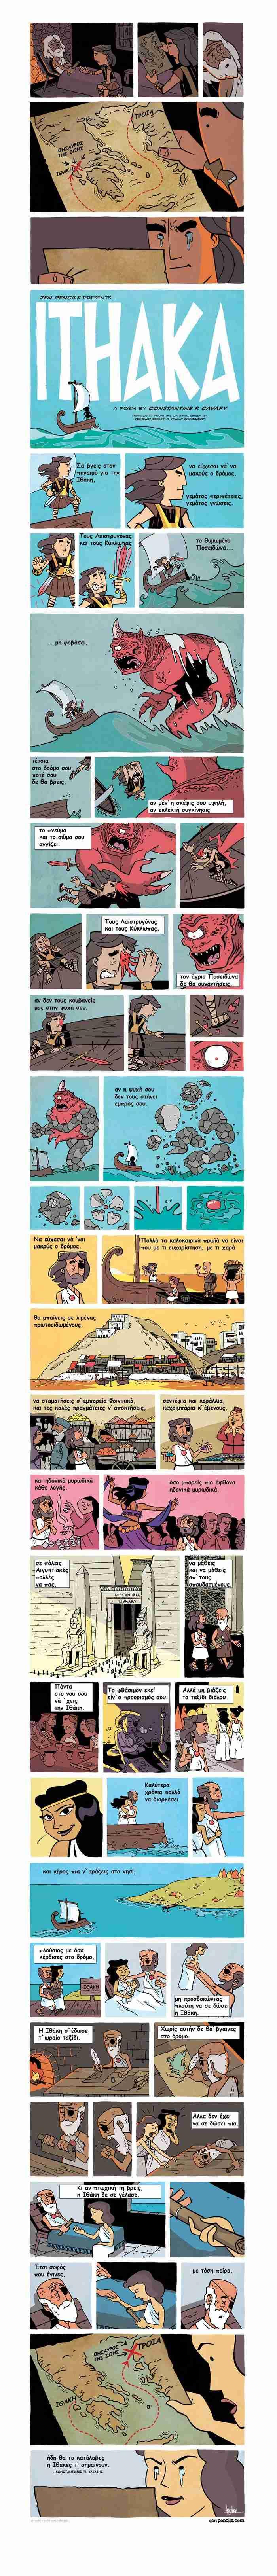 """Το ποίημα του Καβάφη """"Ιθάκη"""" σε.. κόμικ."""